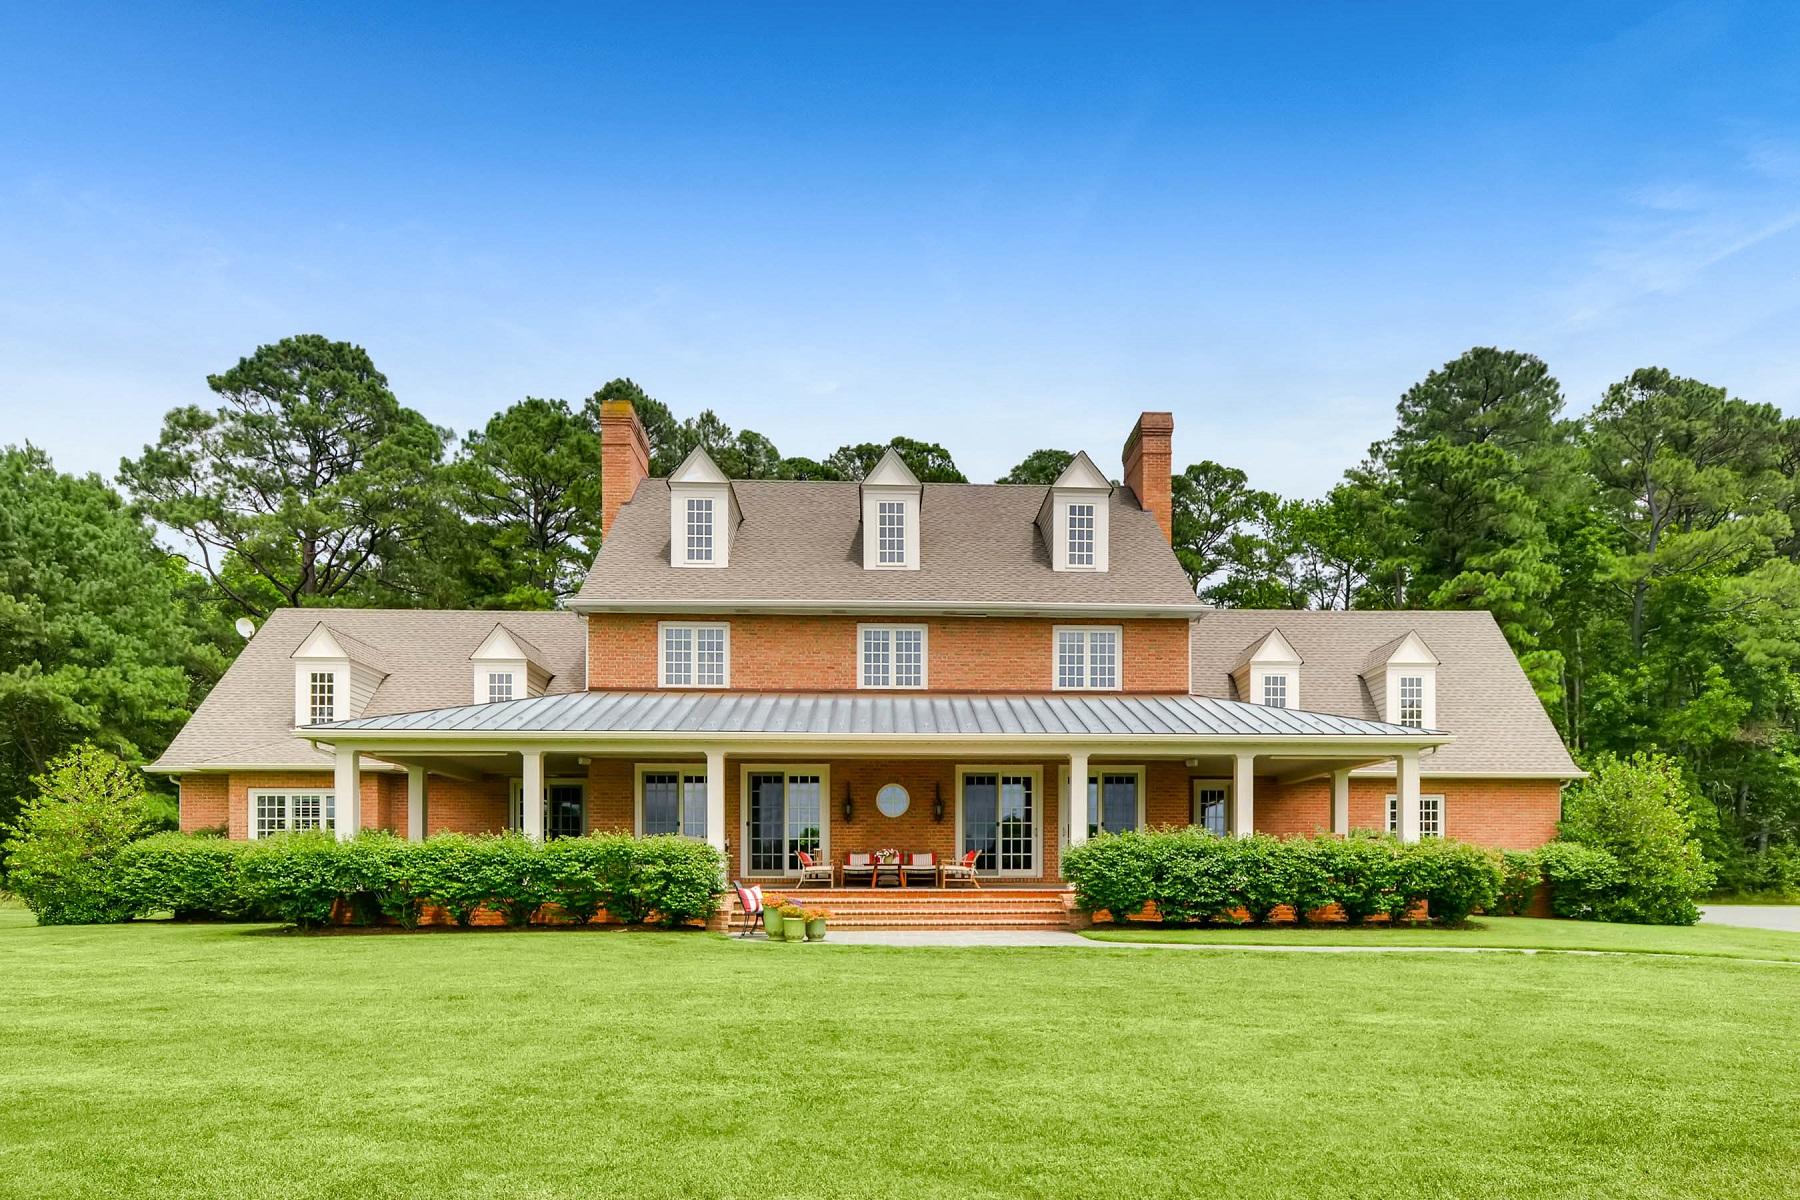 단독 가정 주택 용 매매 에 6398 Hopkins Neck Road Easton, 메릴랜드, 21601 미국